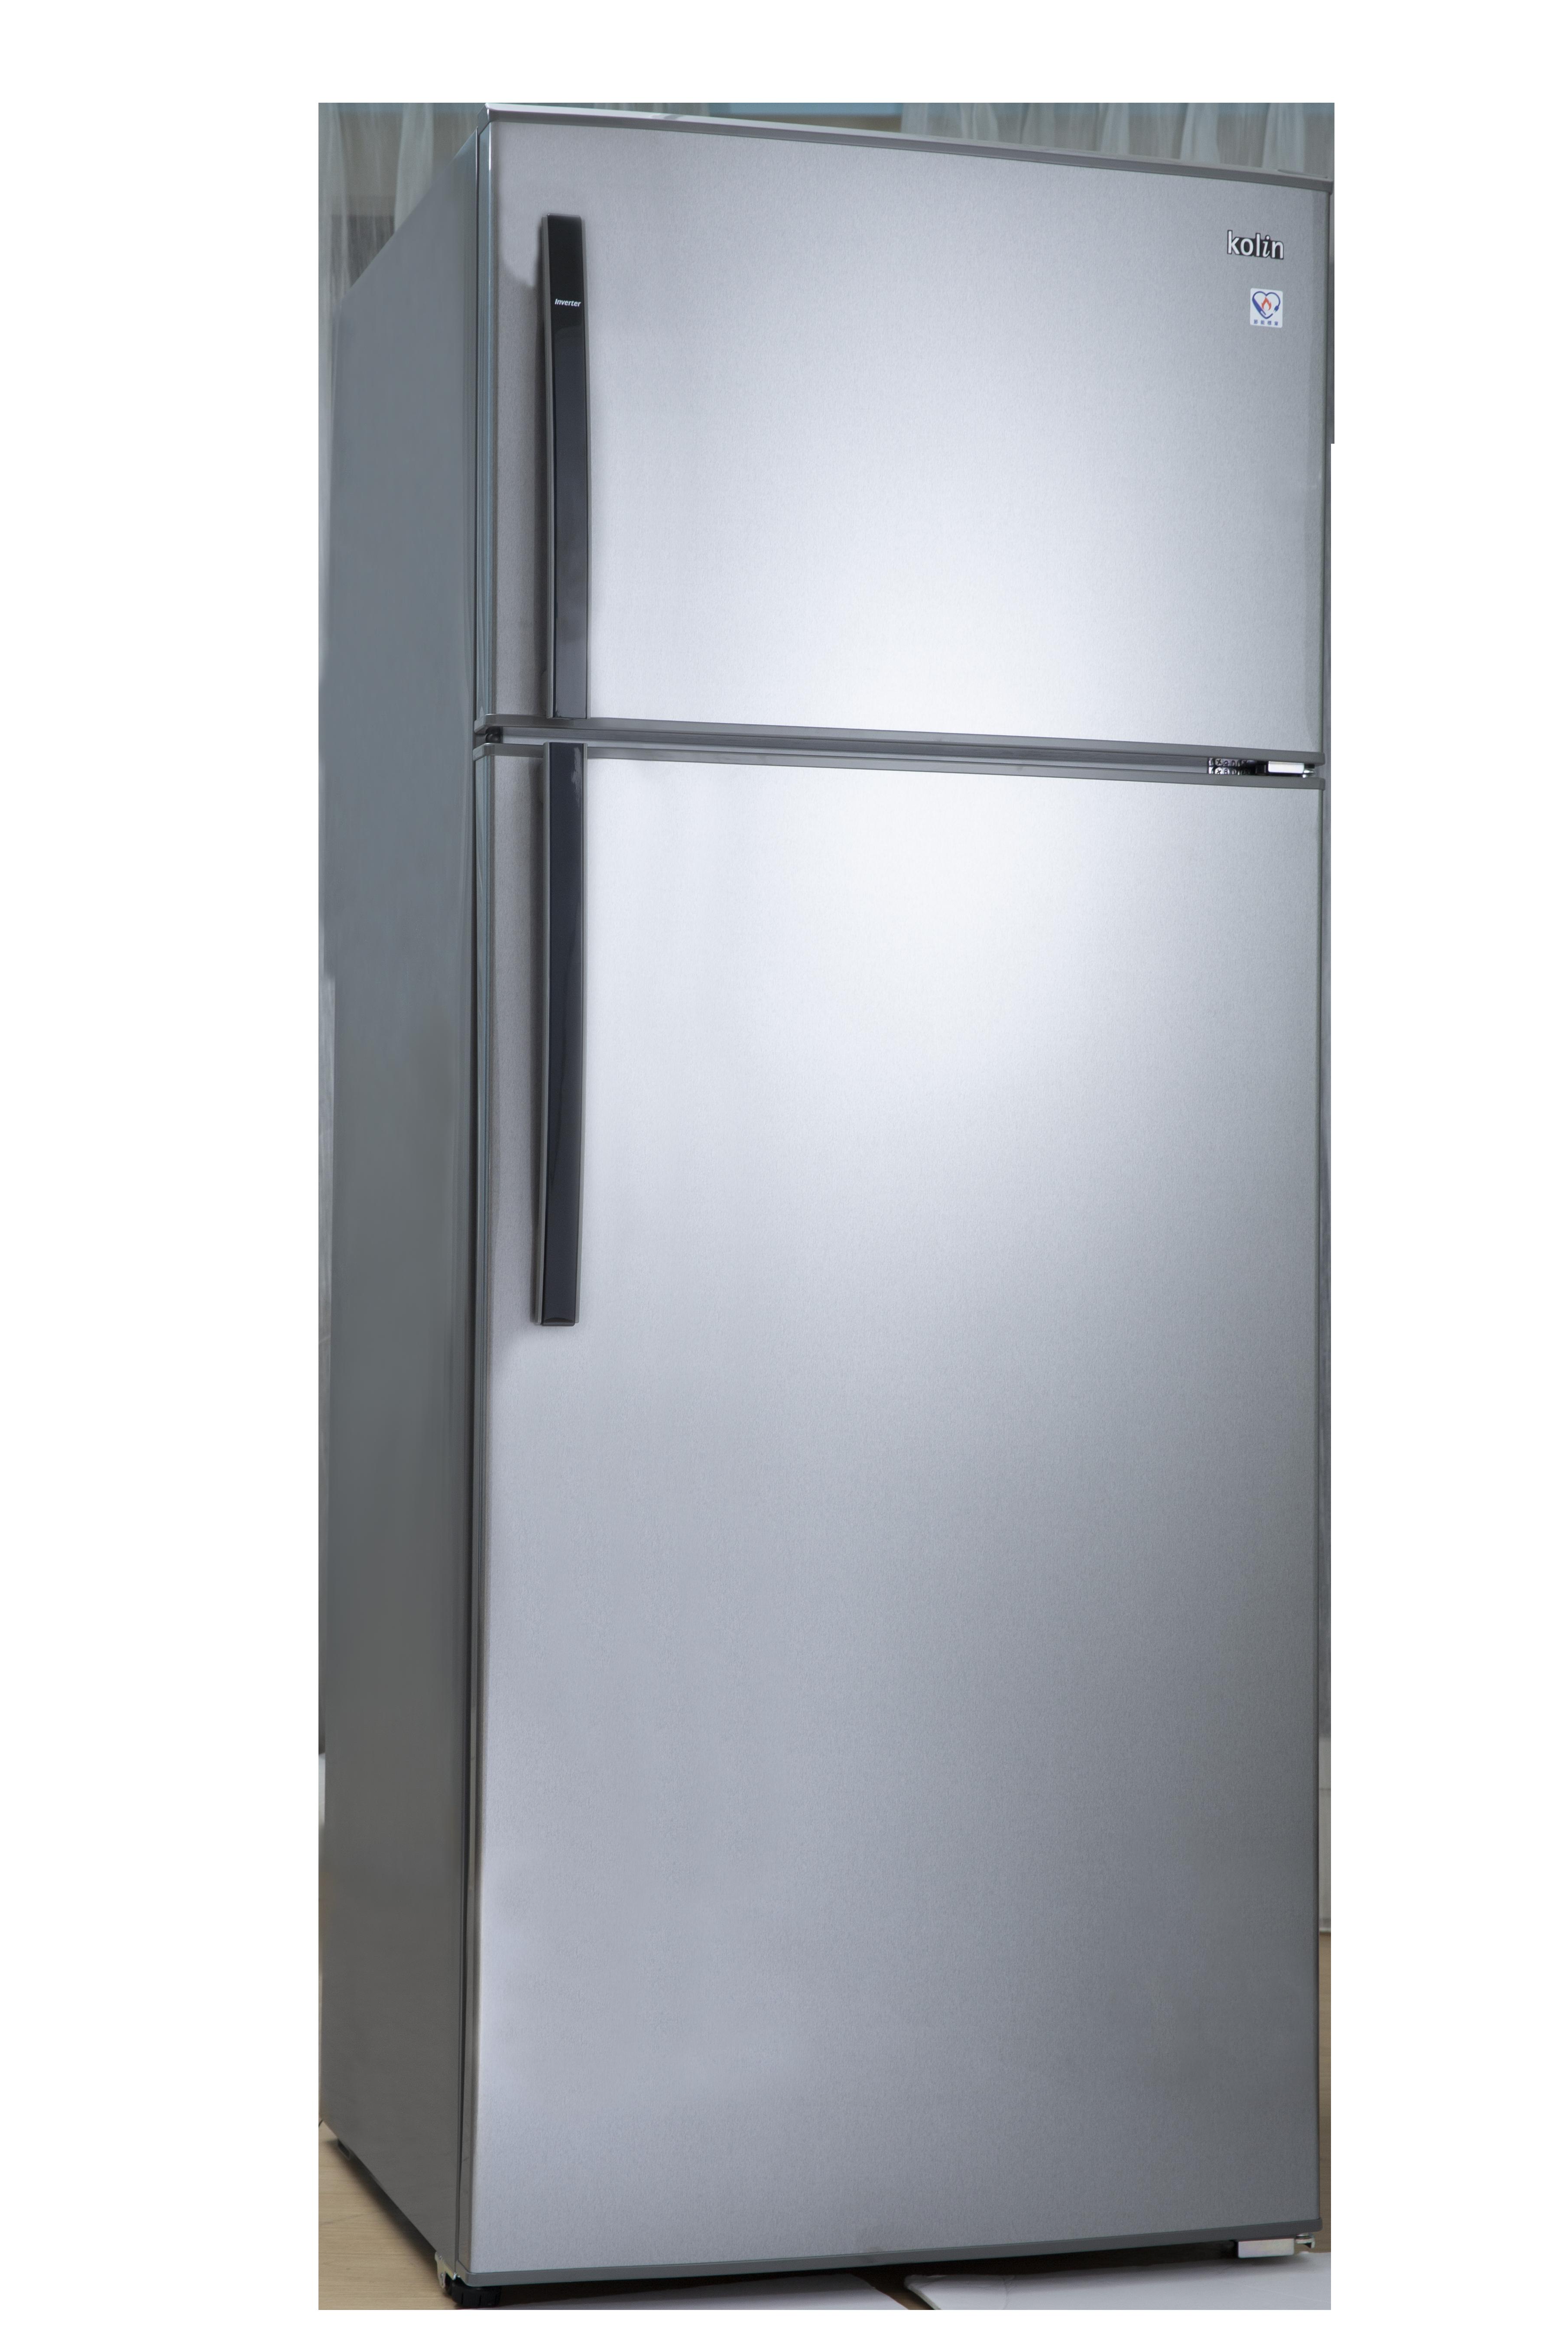 歌林變頻雙門冰箱_商品圖